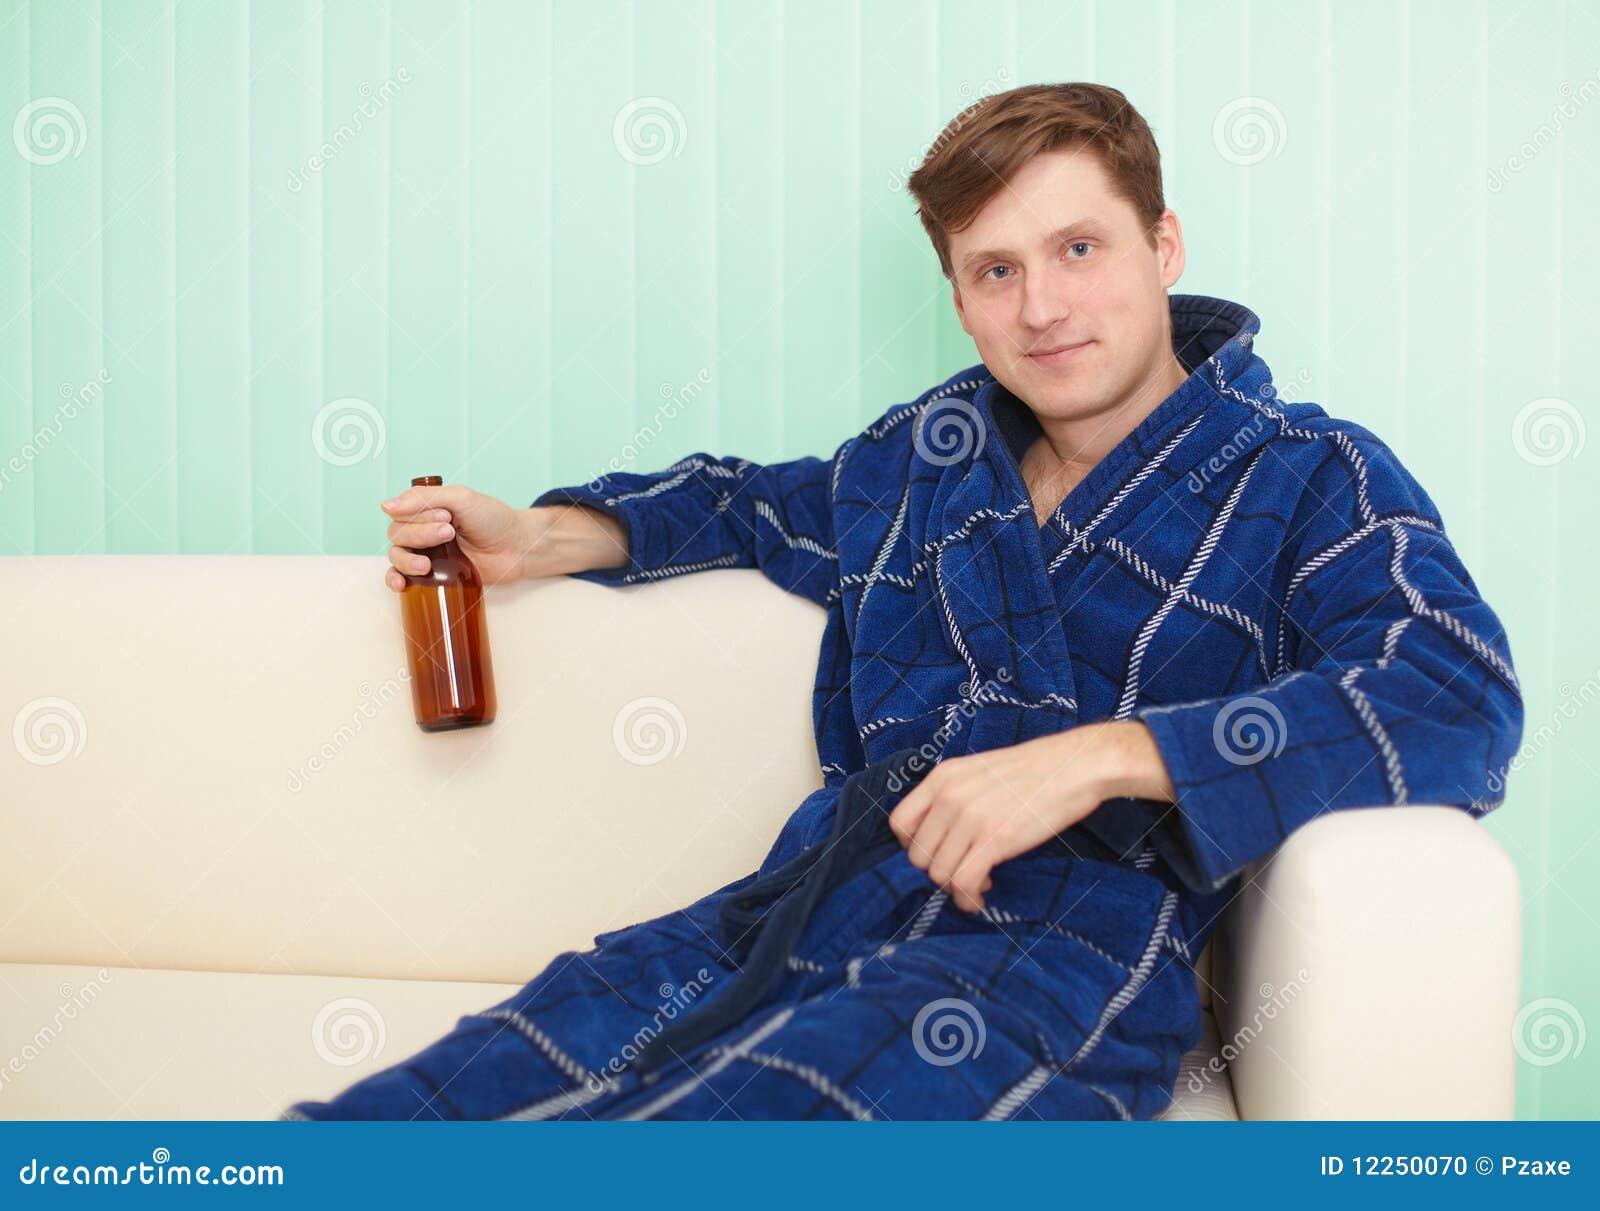 Сидя дома на диване для взрослых 22 фотография